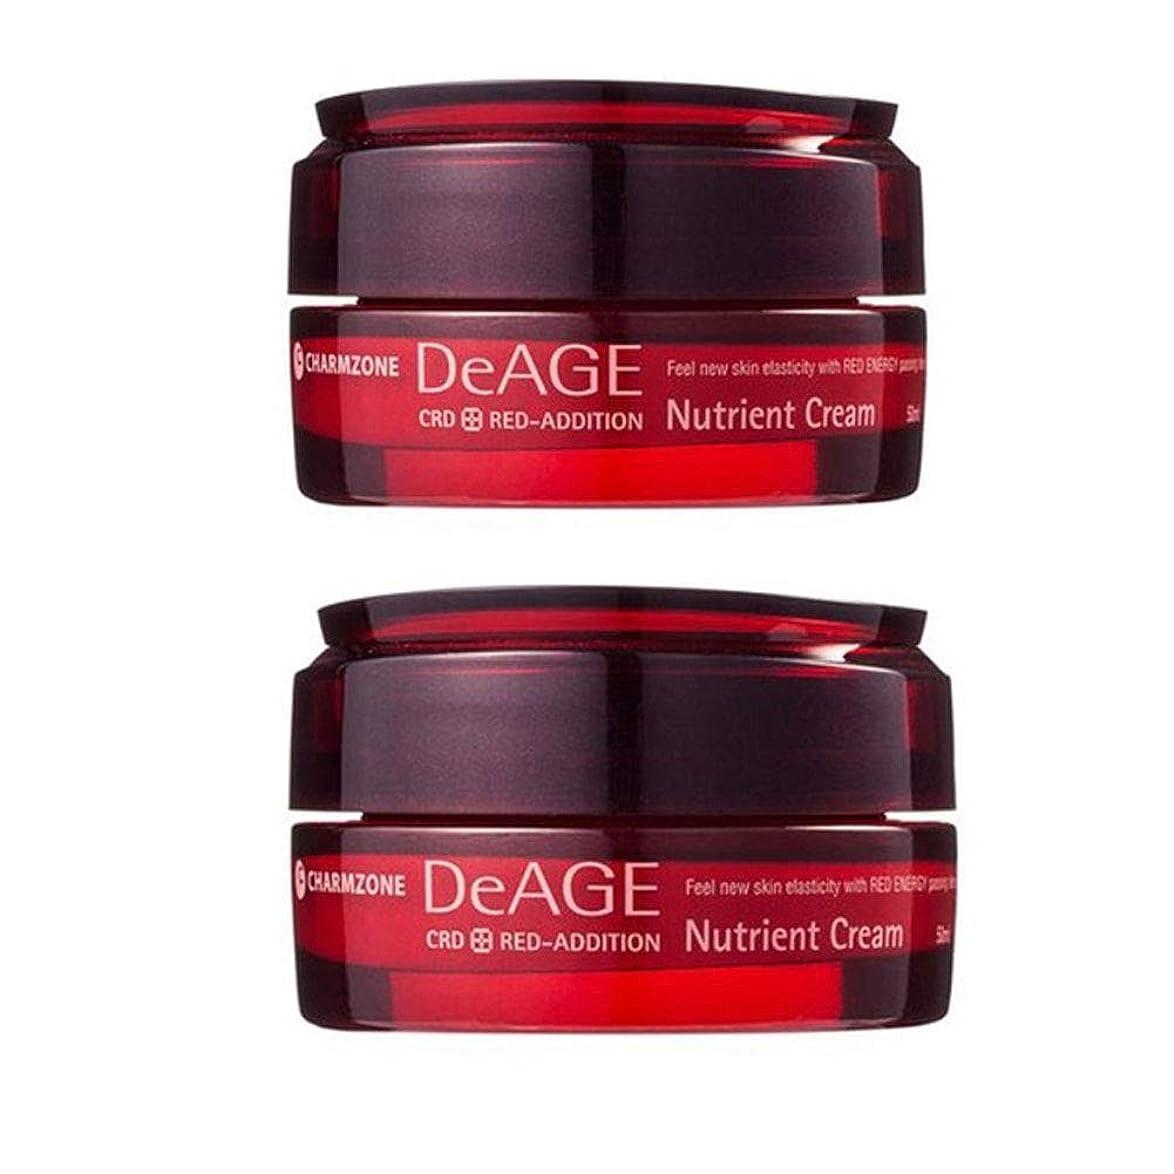 風変わりなどれでも領収書チャムジョンディエイジレッドエディションニュトゥリオントゥクリーム50ml x 2本セット 栄養クリーム, Charmzone DeAGE Red-Addition Nutrient Cream 50ml x 2ea Set [並行輸入品]